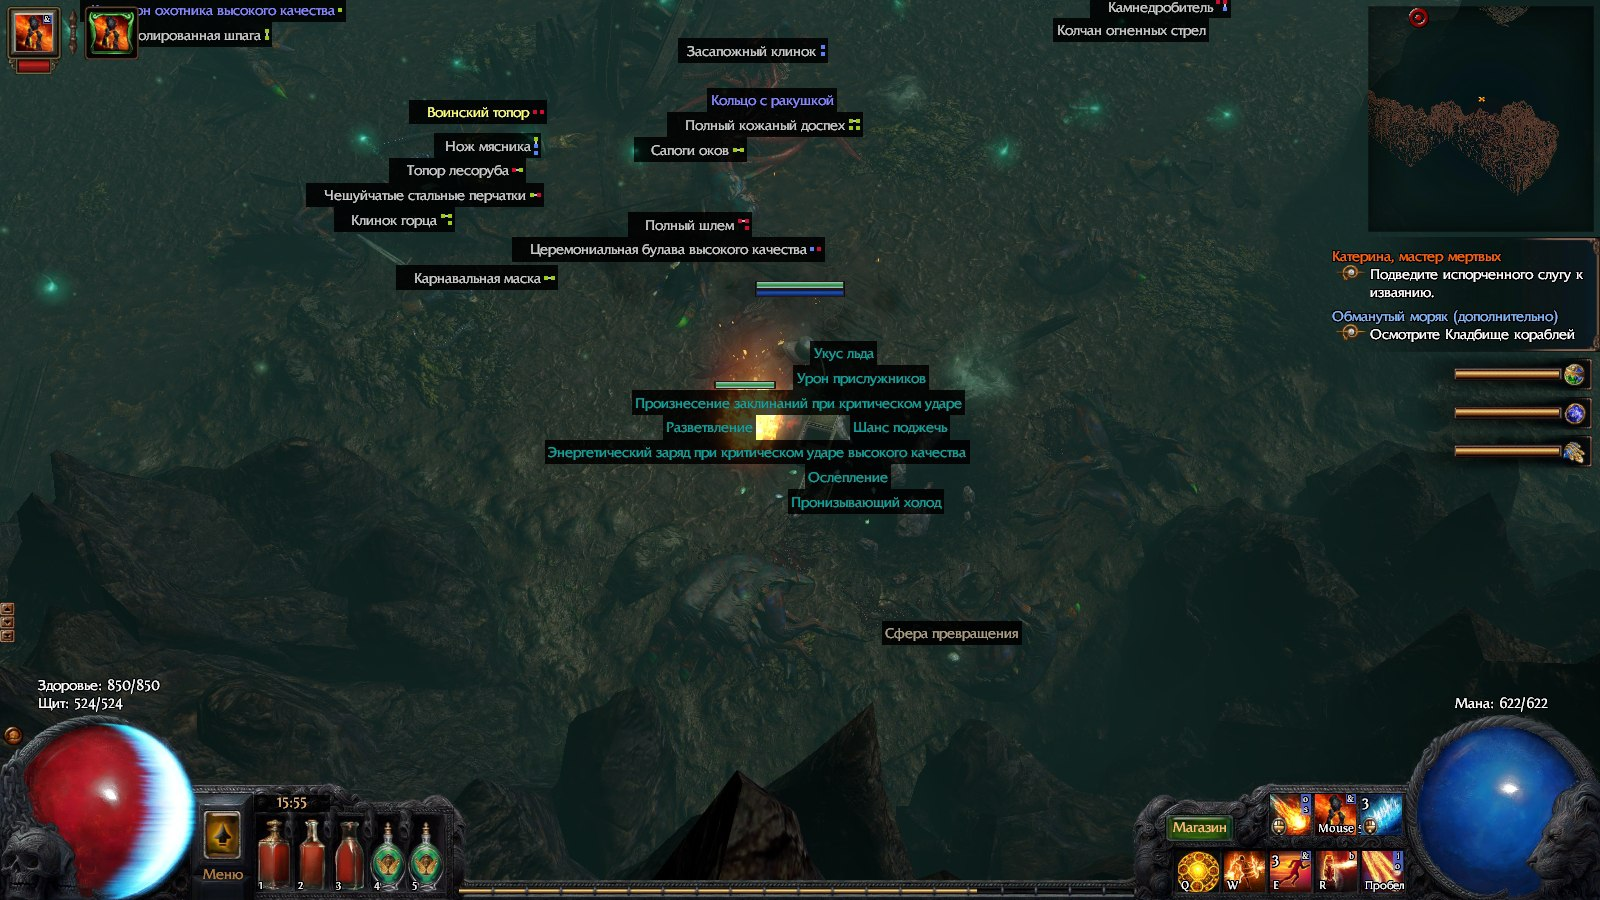 VRV_TCMArKk.jpg - Path of Exile